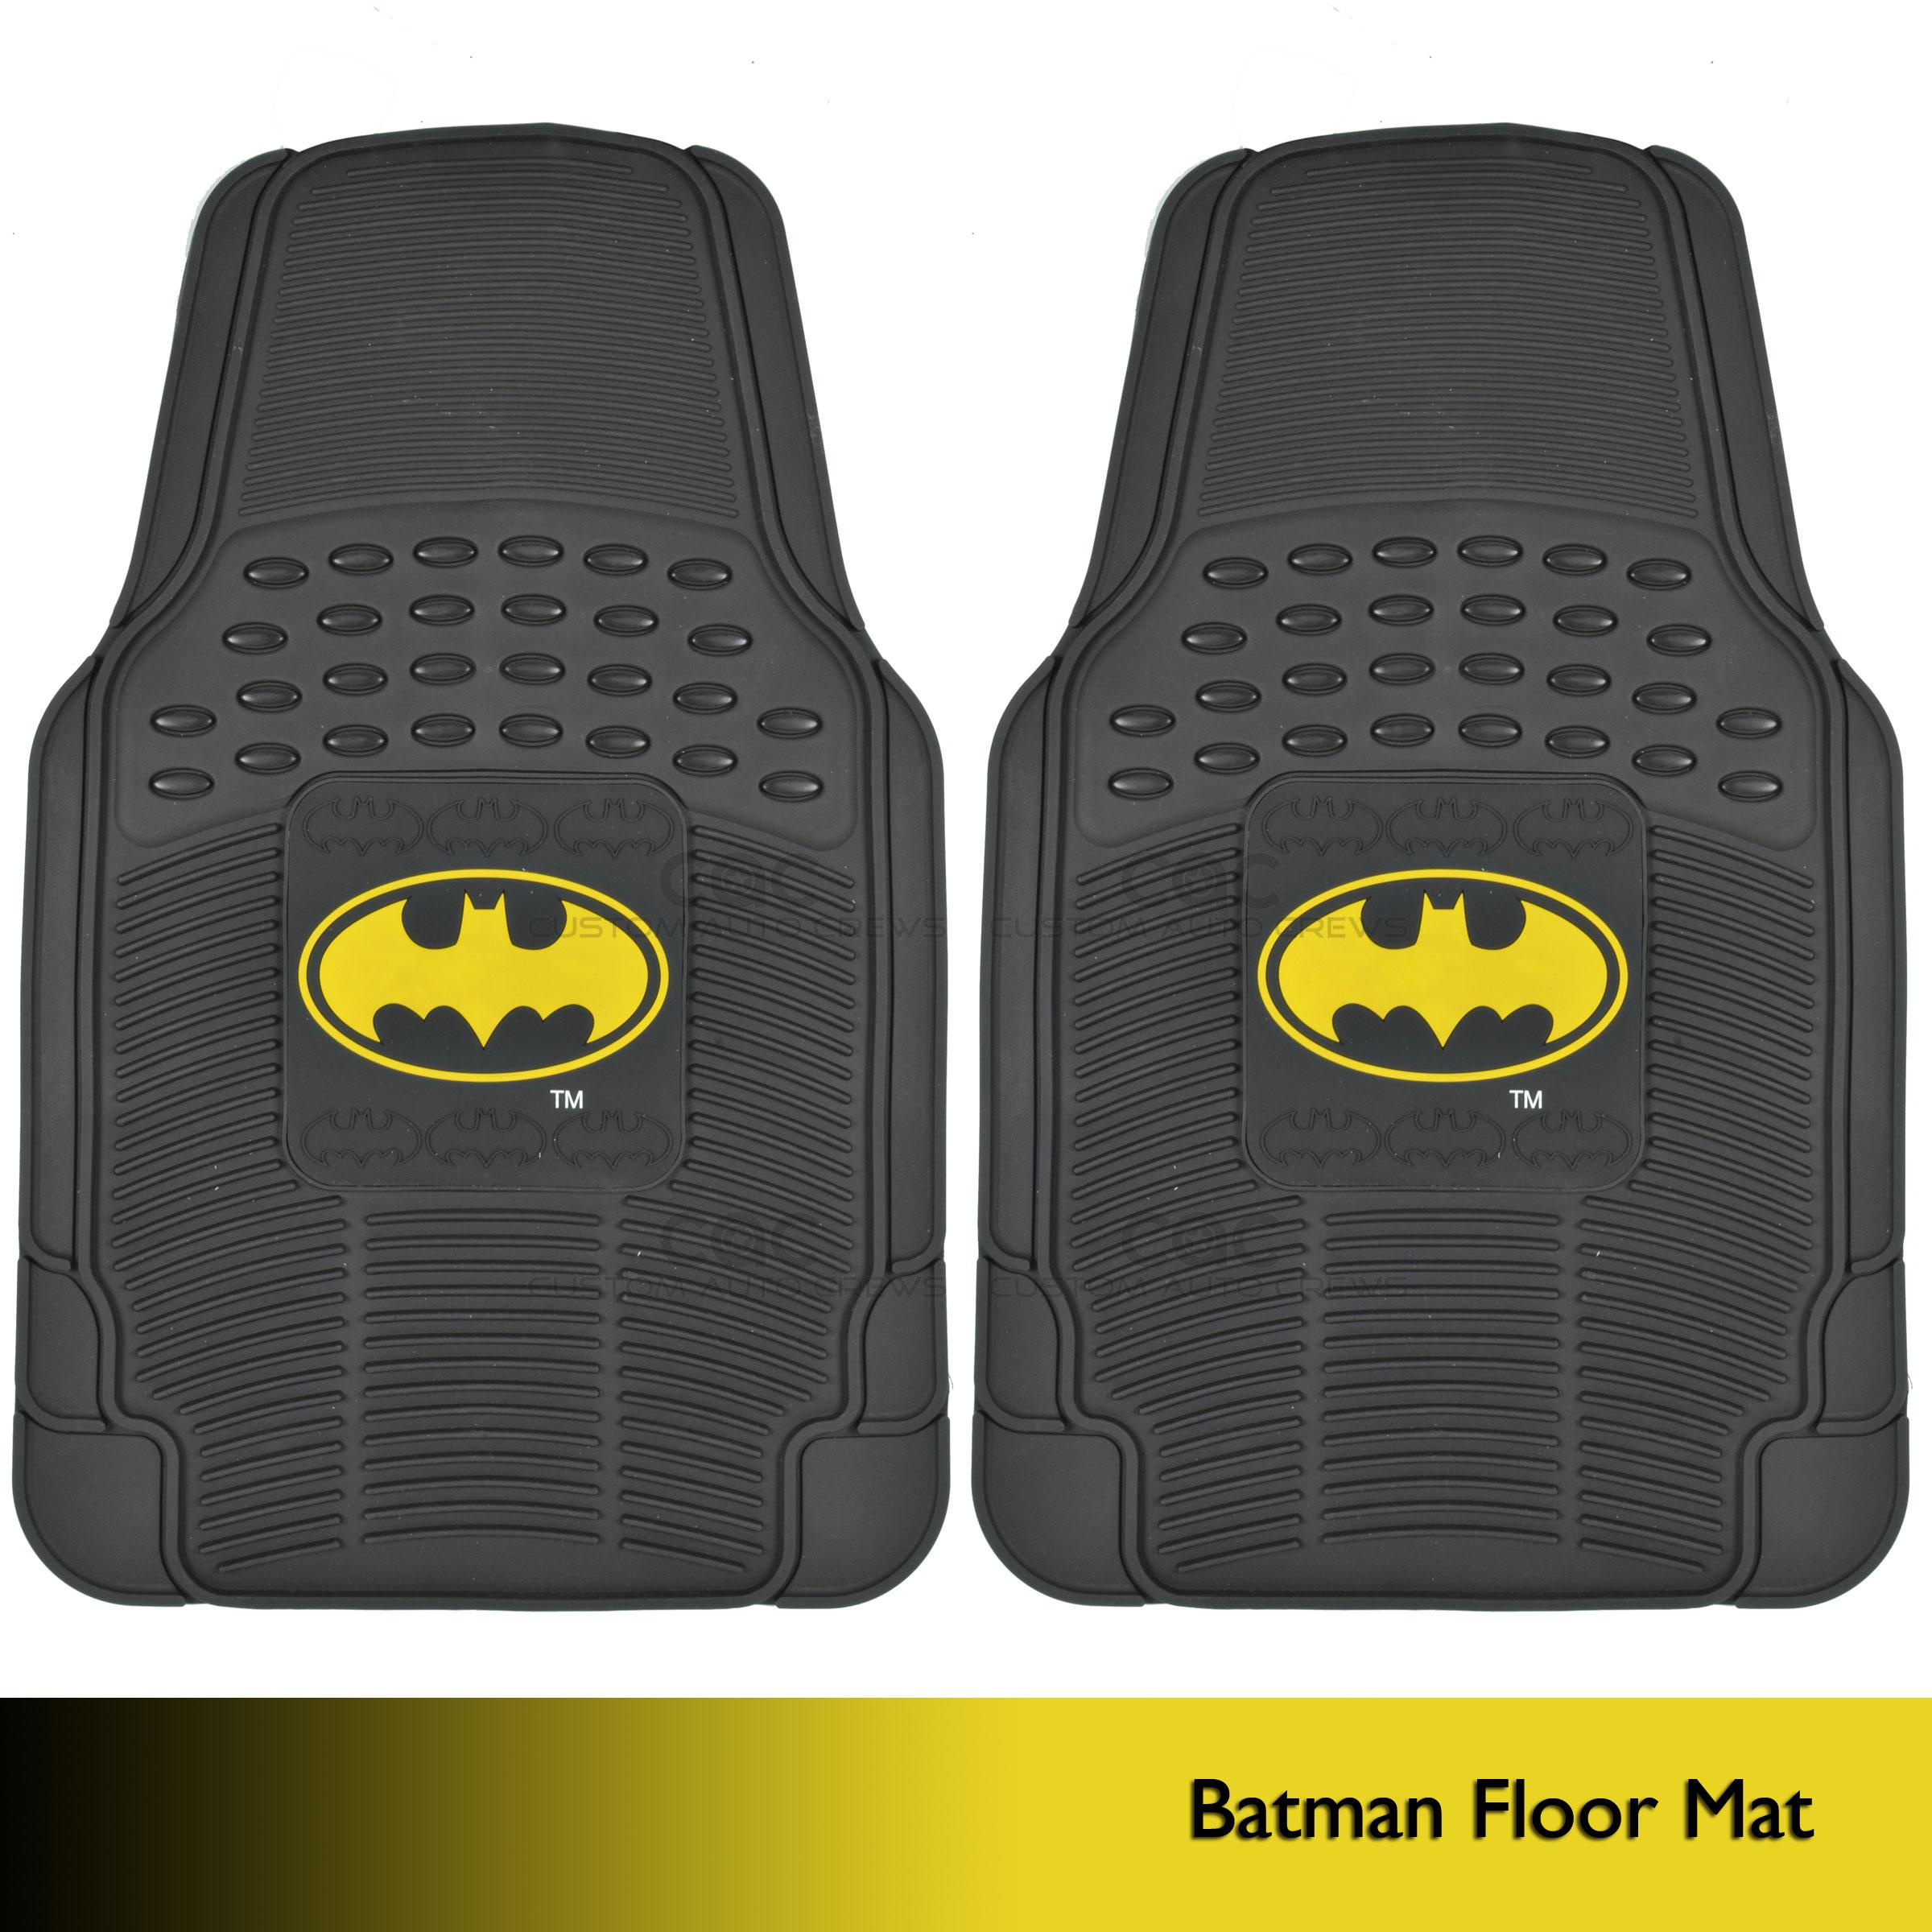 Batman Rubber Vehicle Floor Mats 2017 2018 Best Cars